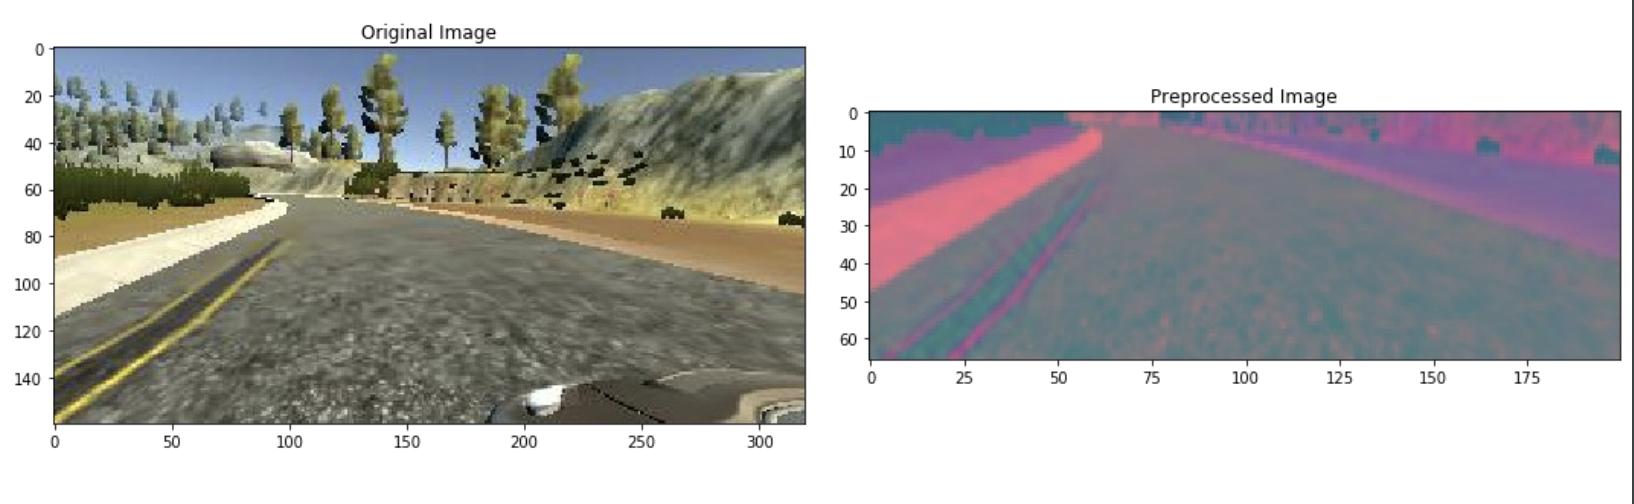 Image Data Augmentation_image